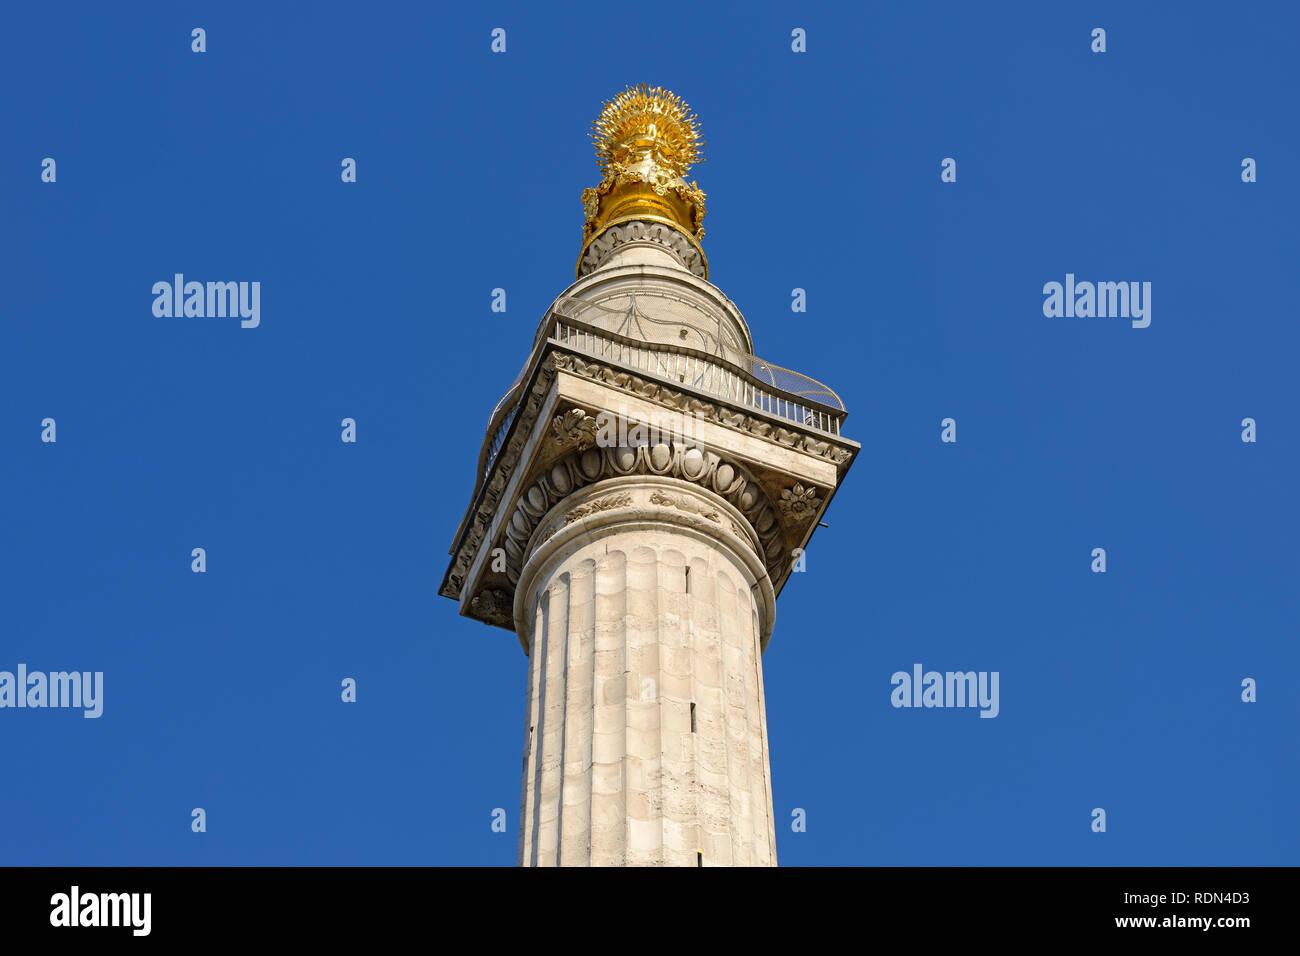 Denkmal für den großen Brand von London, England, Vereinigtes Königreich Stockbild